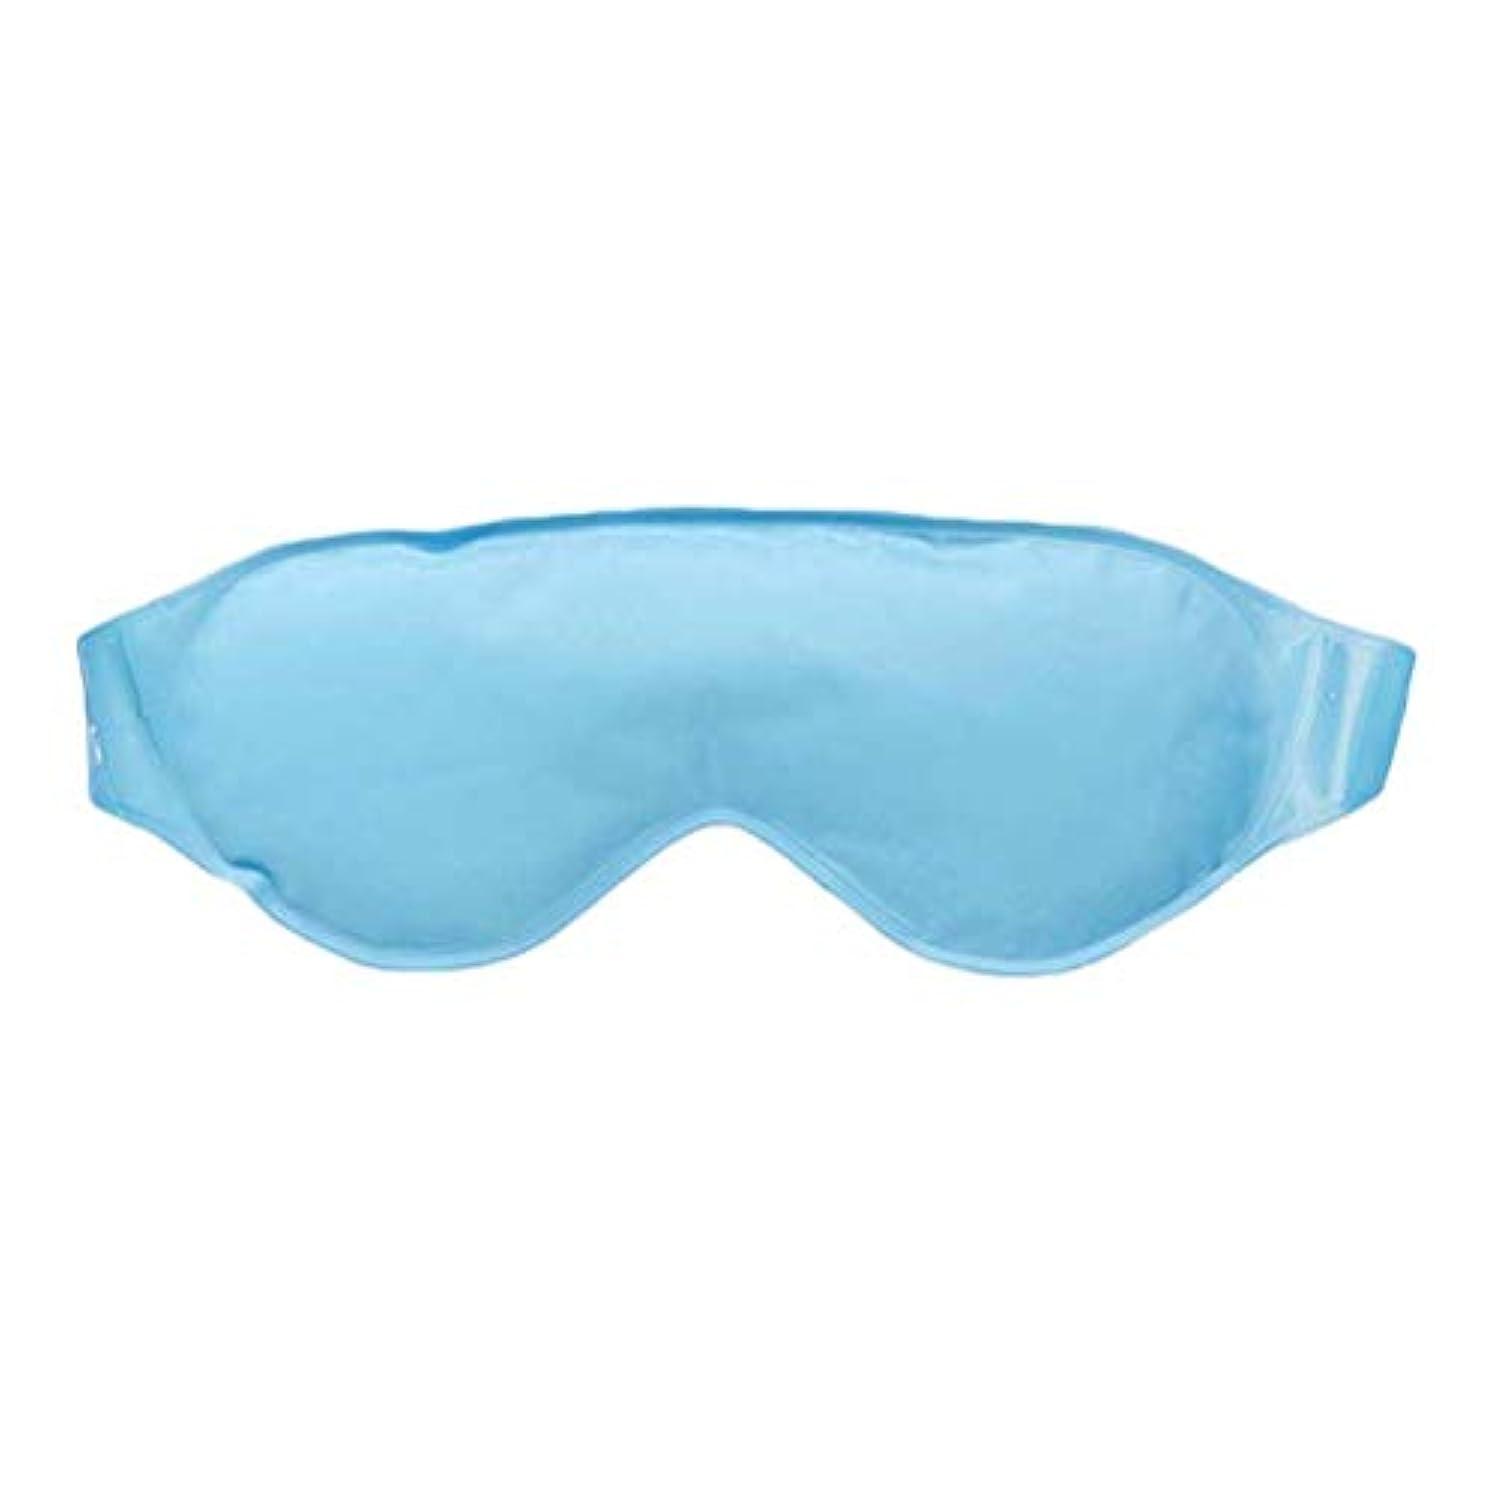 忠実なはず典型的なHealifty アイスアイマスク冷却用ブラインドパッチ